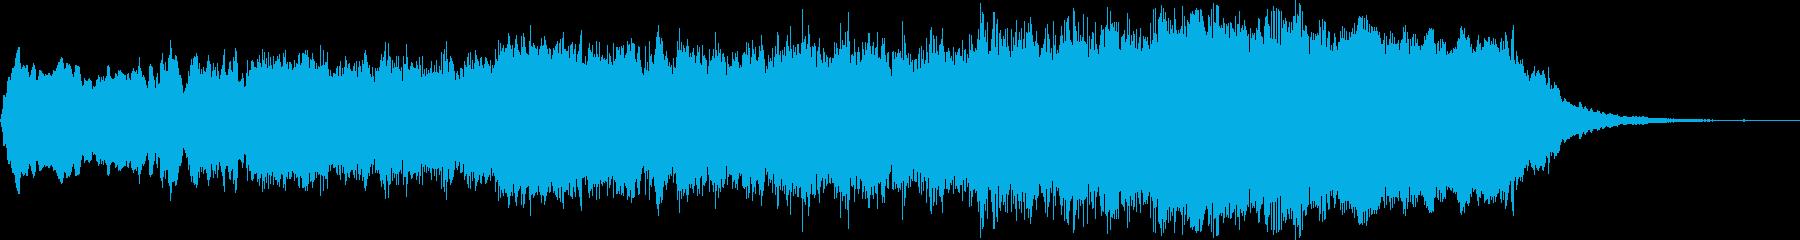 勝利を称えるファンファーレの再生済みの波形